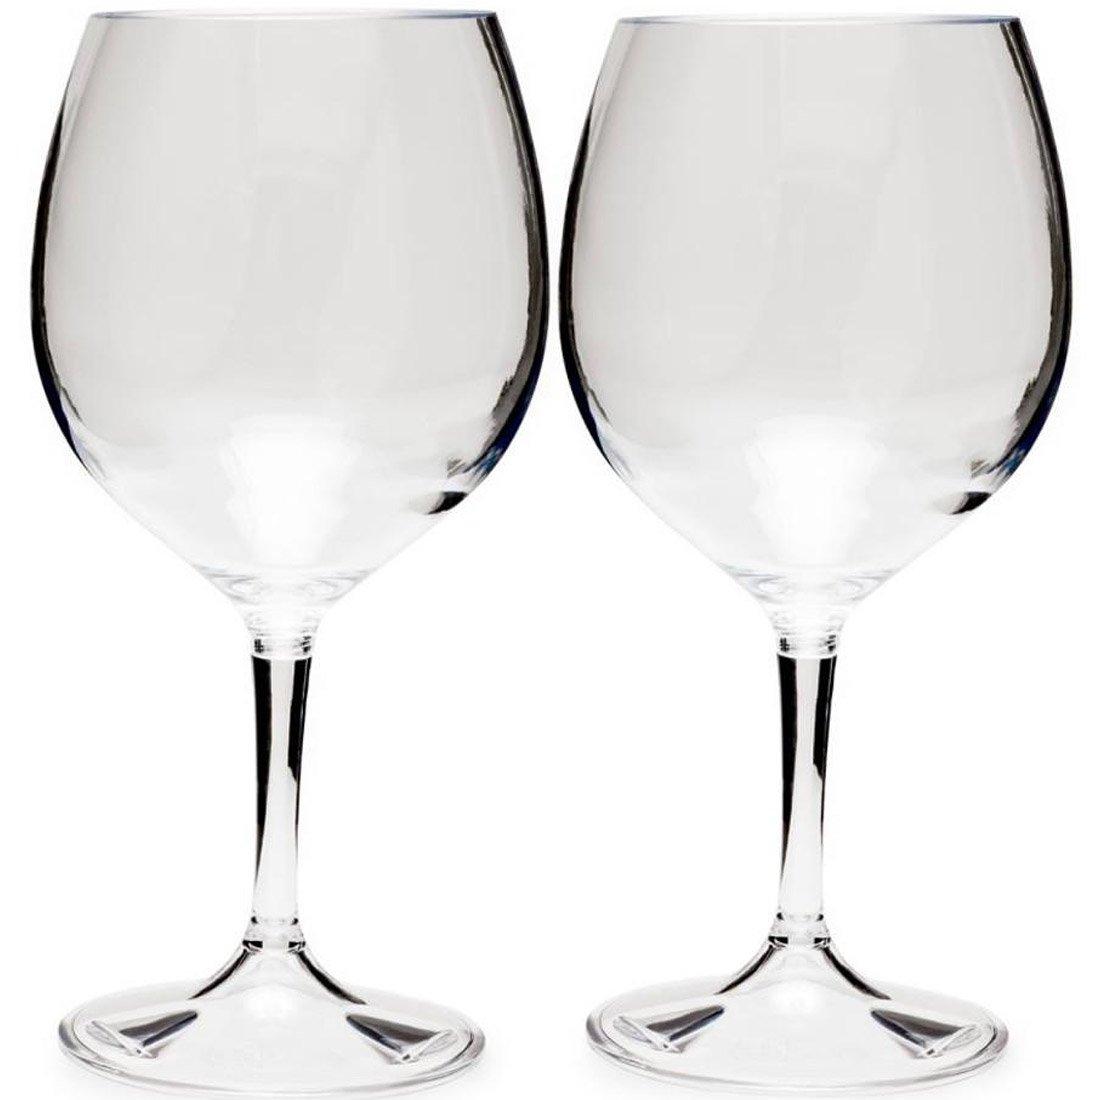 זוג כוסות יין אדום לשטח - Nesting Red Wine Glass Set - GSI